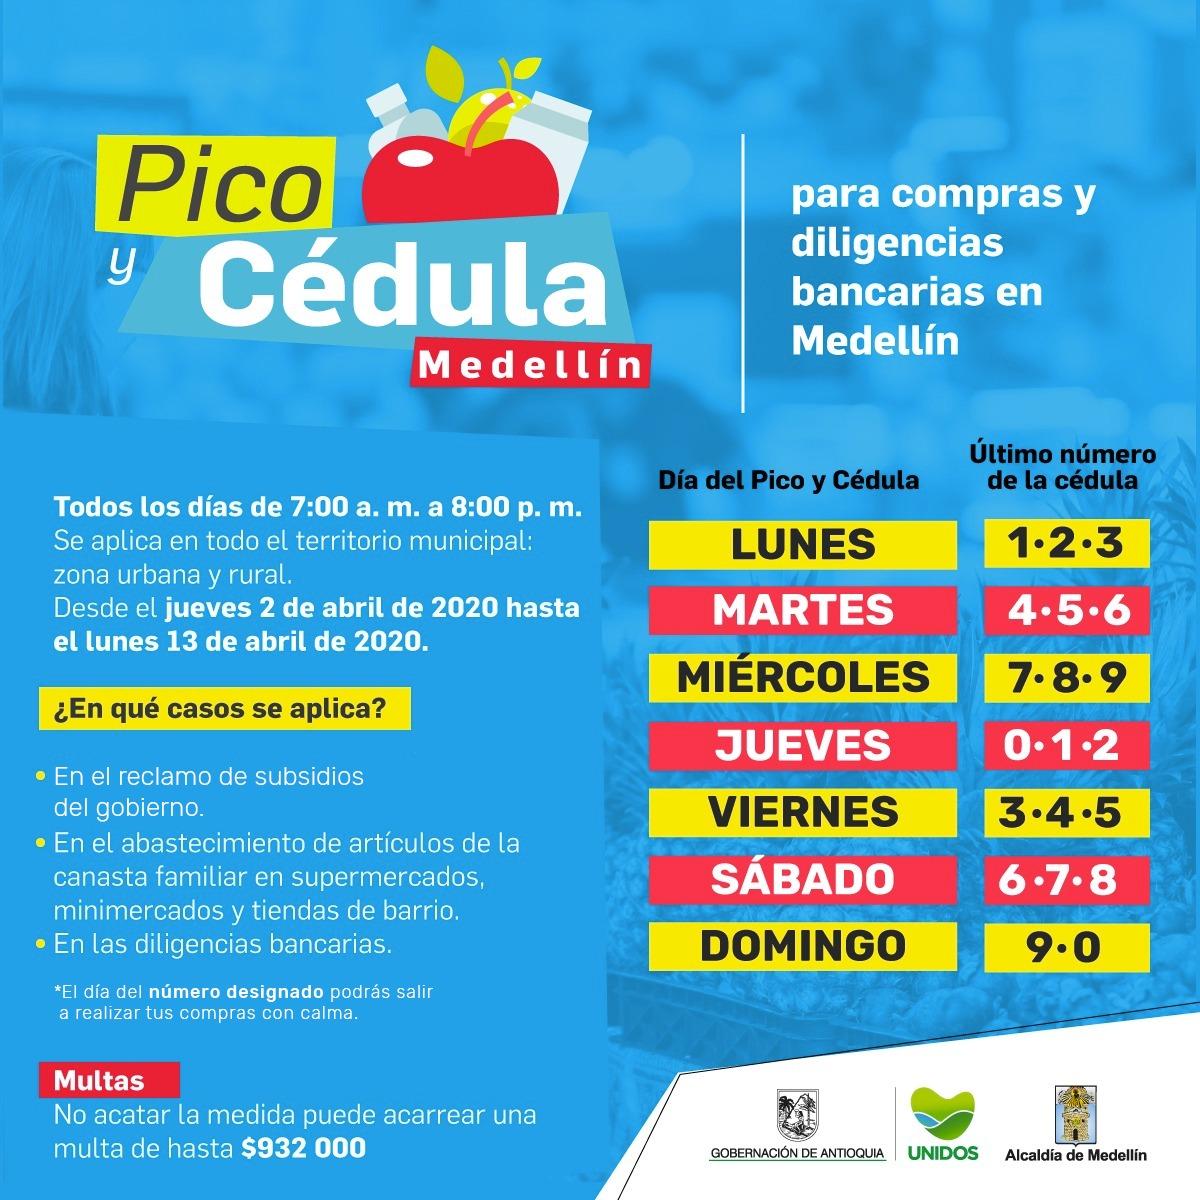 @quinterocalle A partir del jueves 2 de Abril Medellín tendrá pico y cédula para mitigar al coronavirus